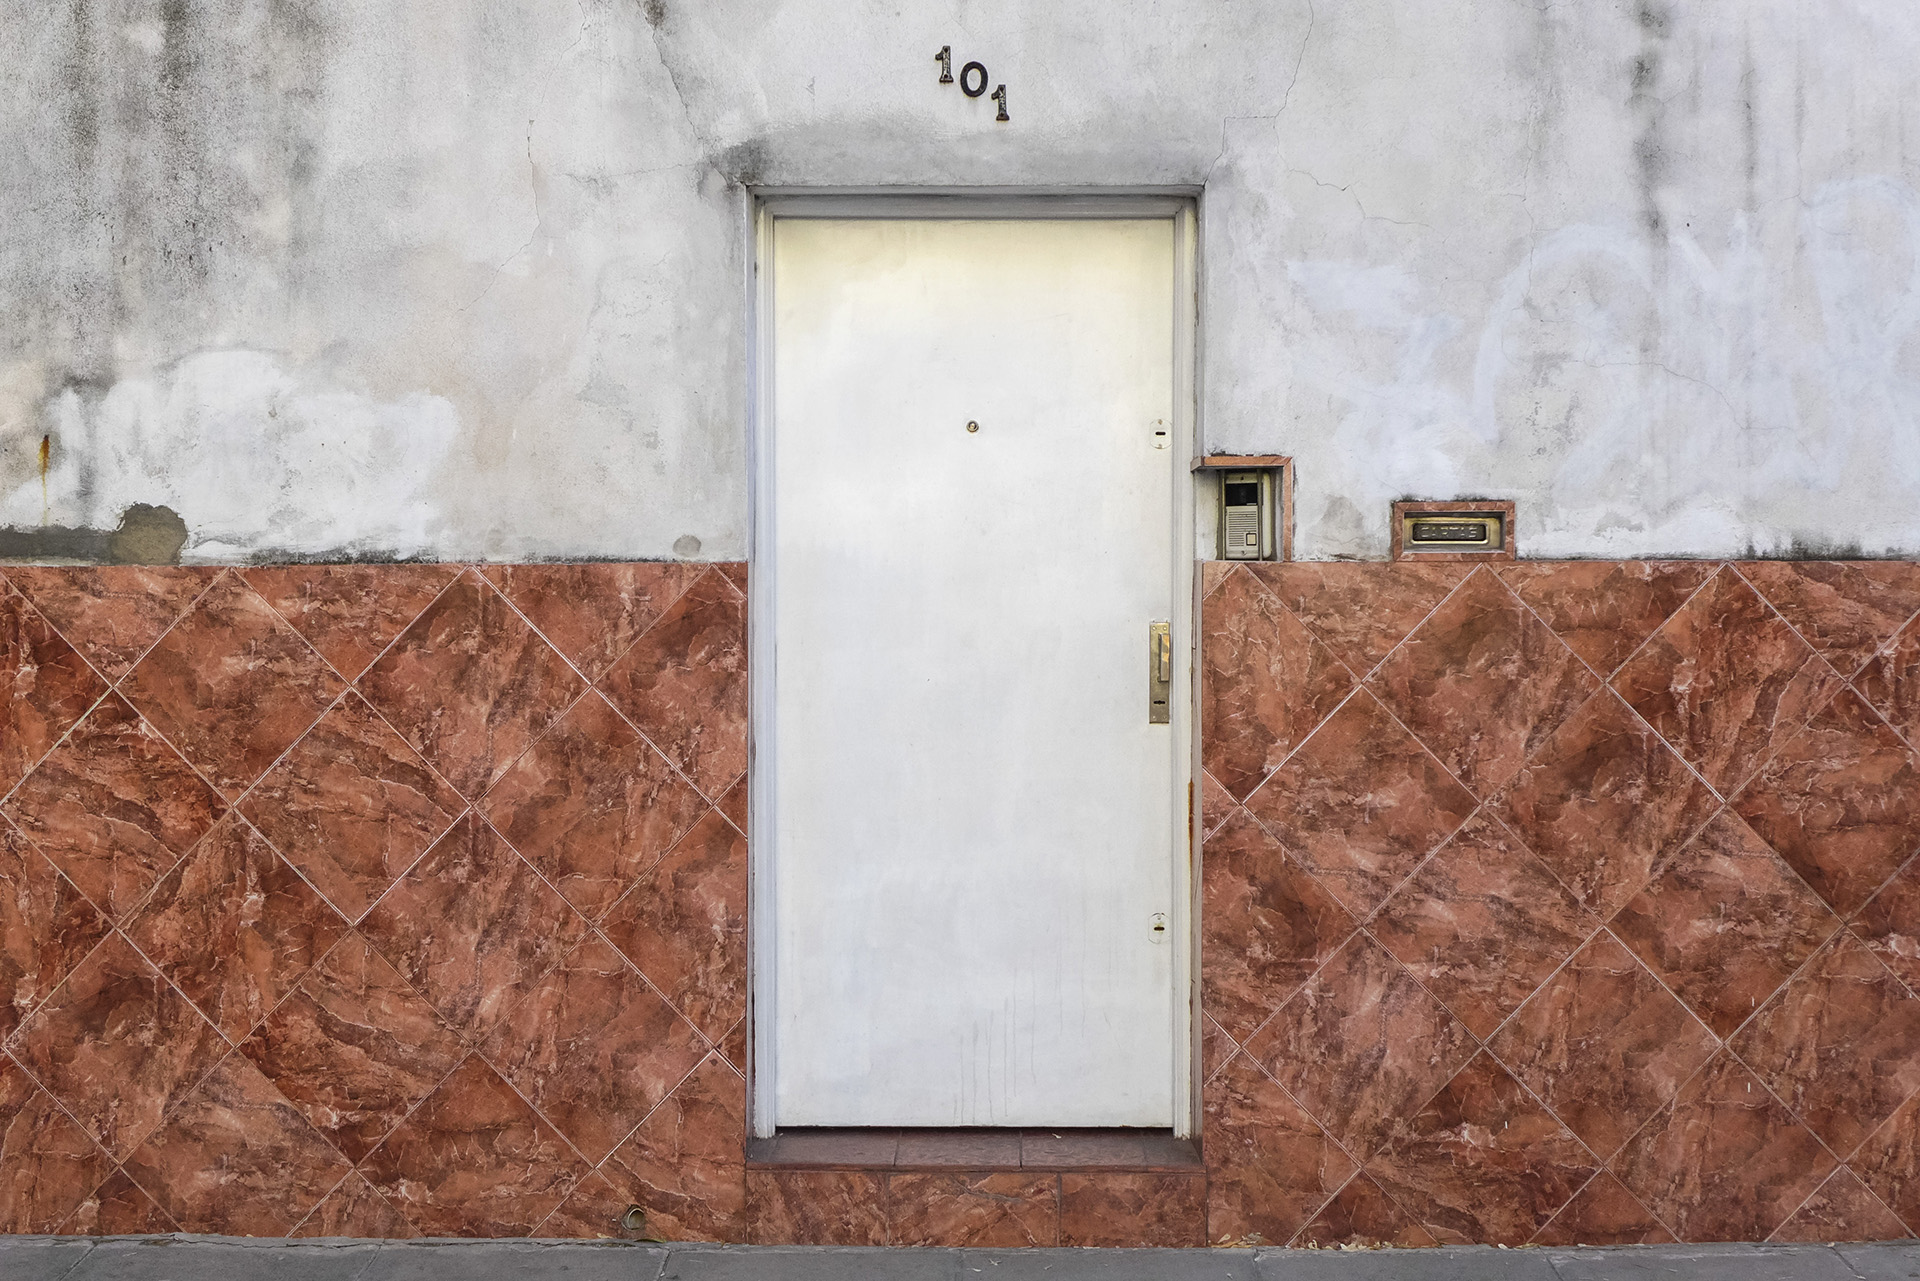 Puerta (Zuviría 101, Parque Chacabuco, BA, 2017)